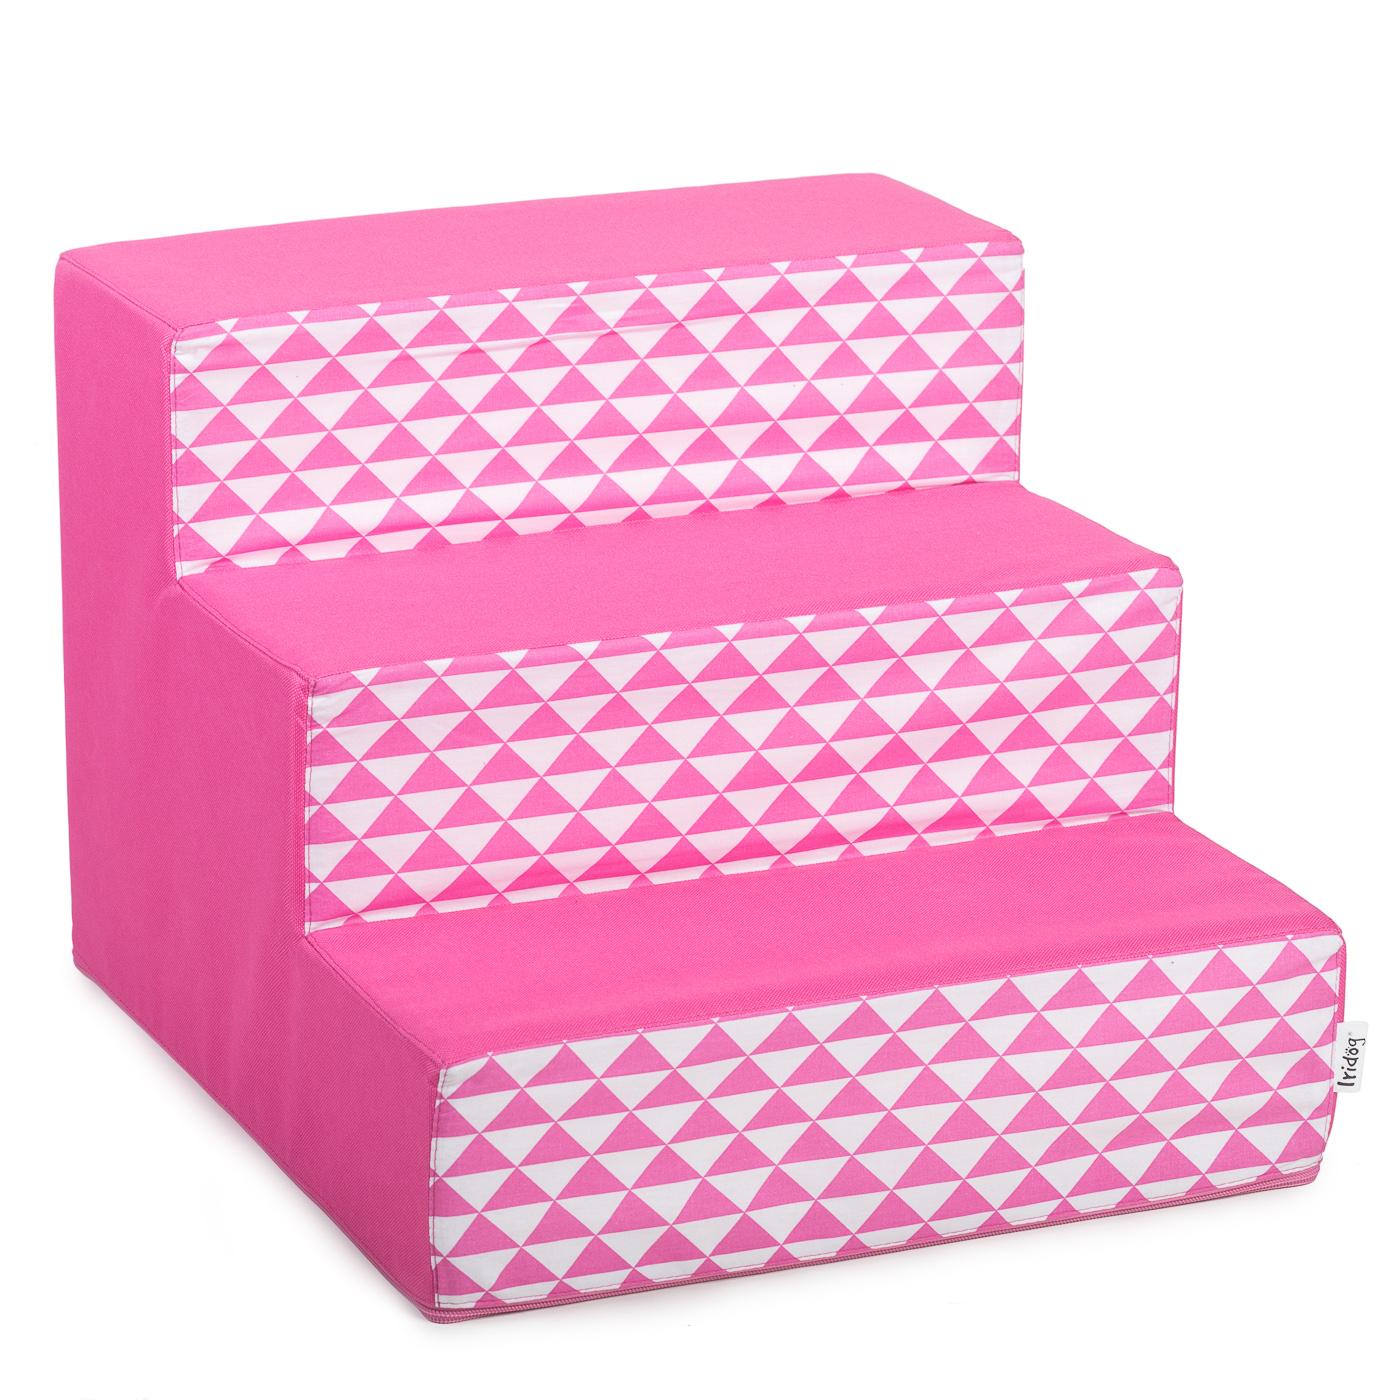 Schody pro psy, no. 40, růžový triangl, 2 velké